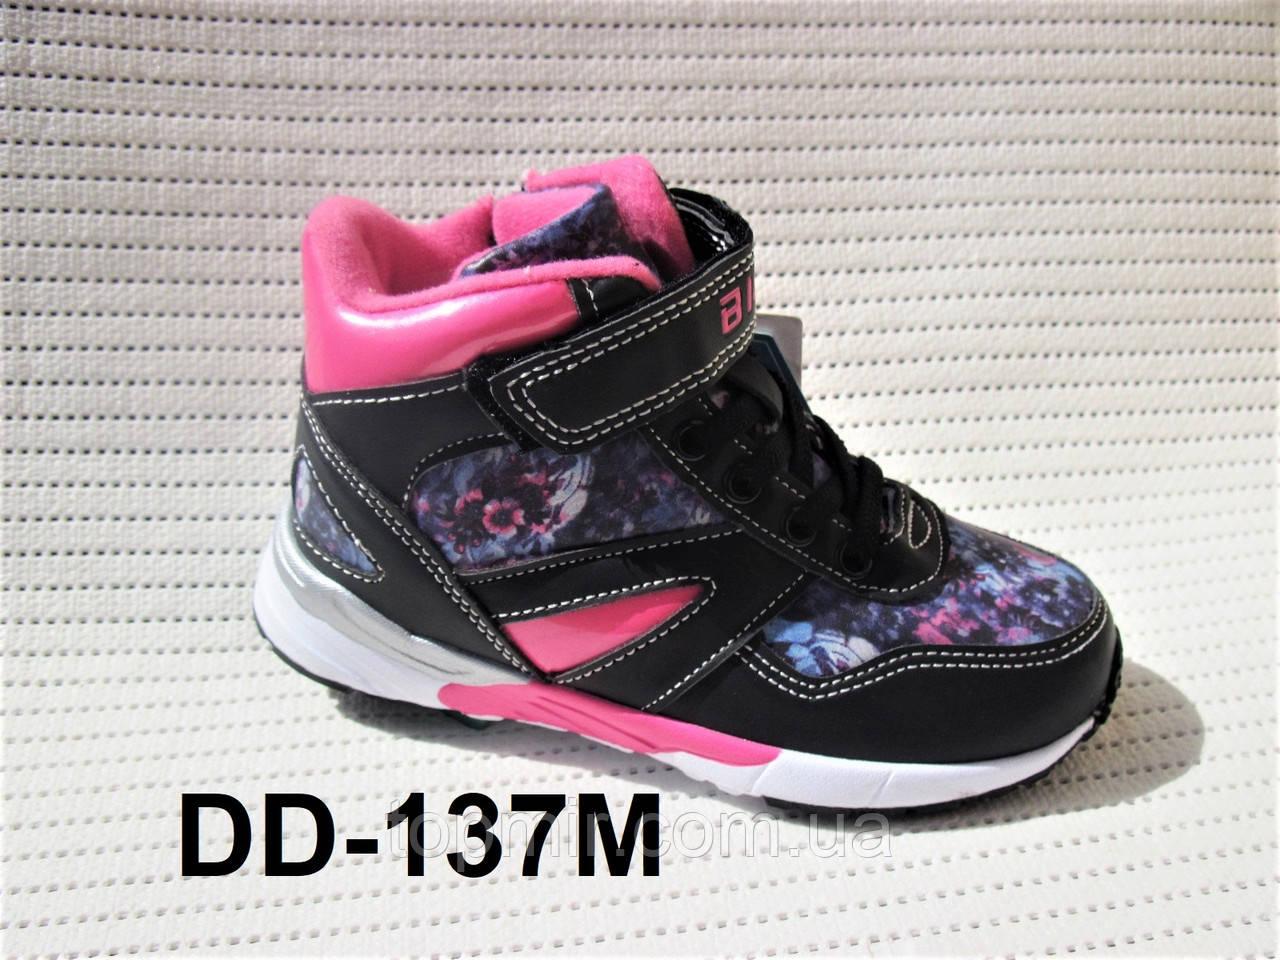 710da2811 Детские ботинки, хайтопы для девочки осень-весна - Интернет- магазин обуви